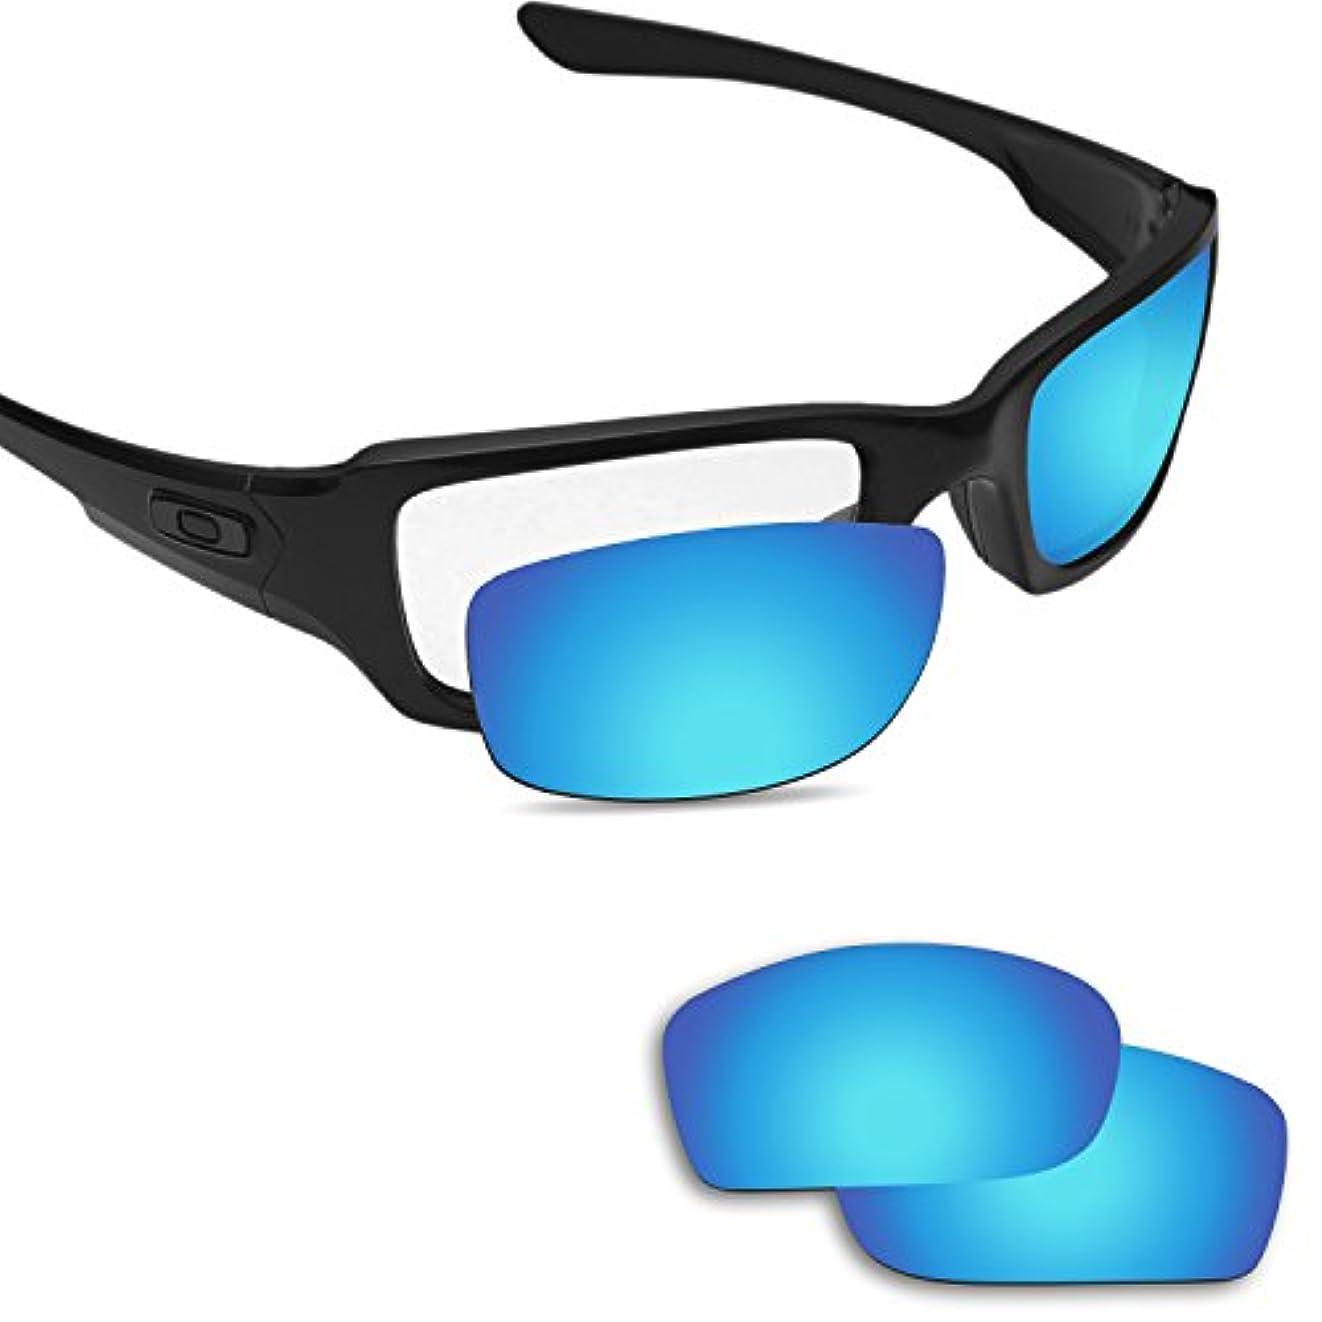 精査学部終点Fiskr 剥がれ防止 Oakley Fives Squared交換用レンズ 偏光レンズ -マルチオプション型